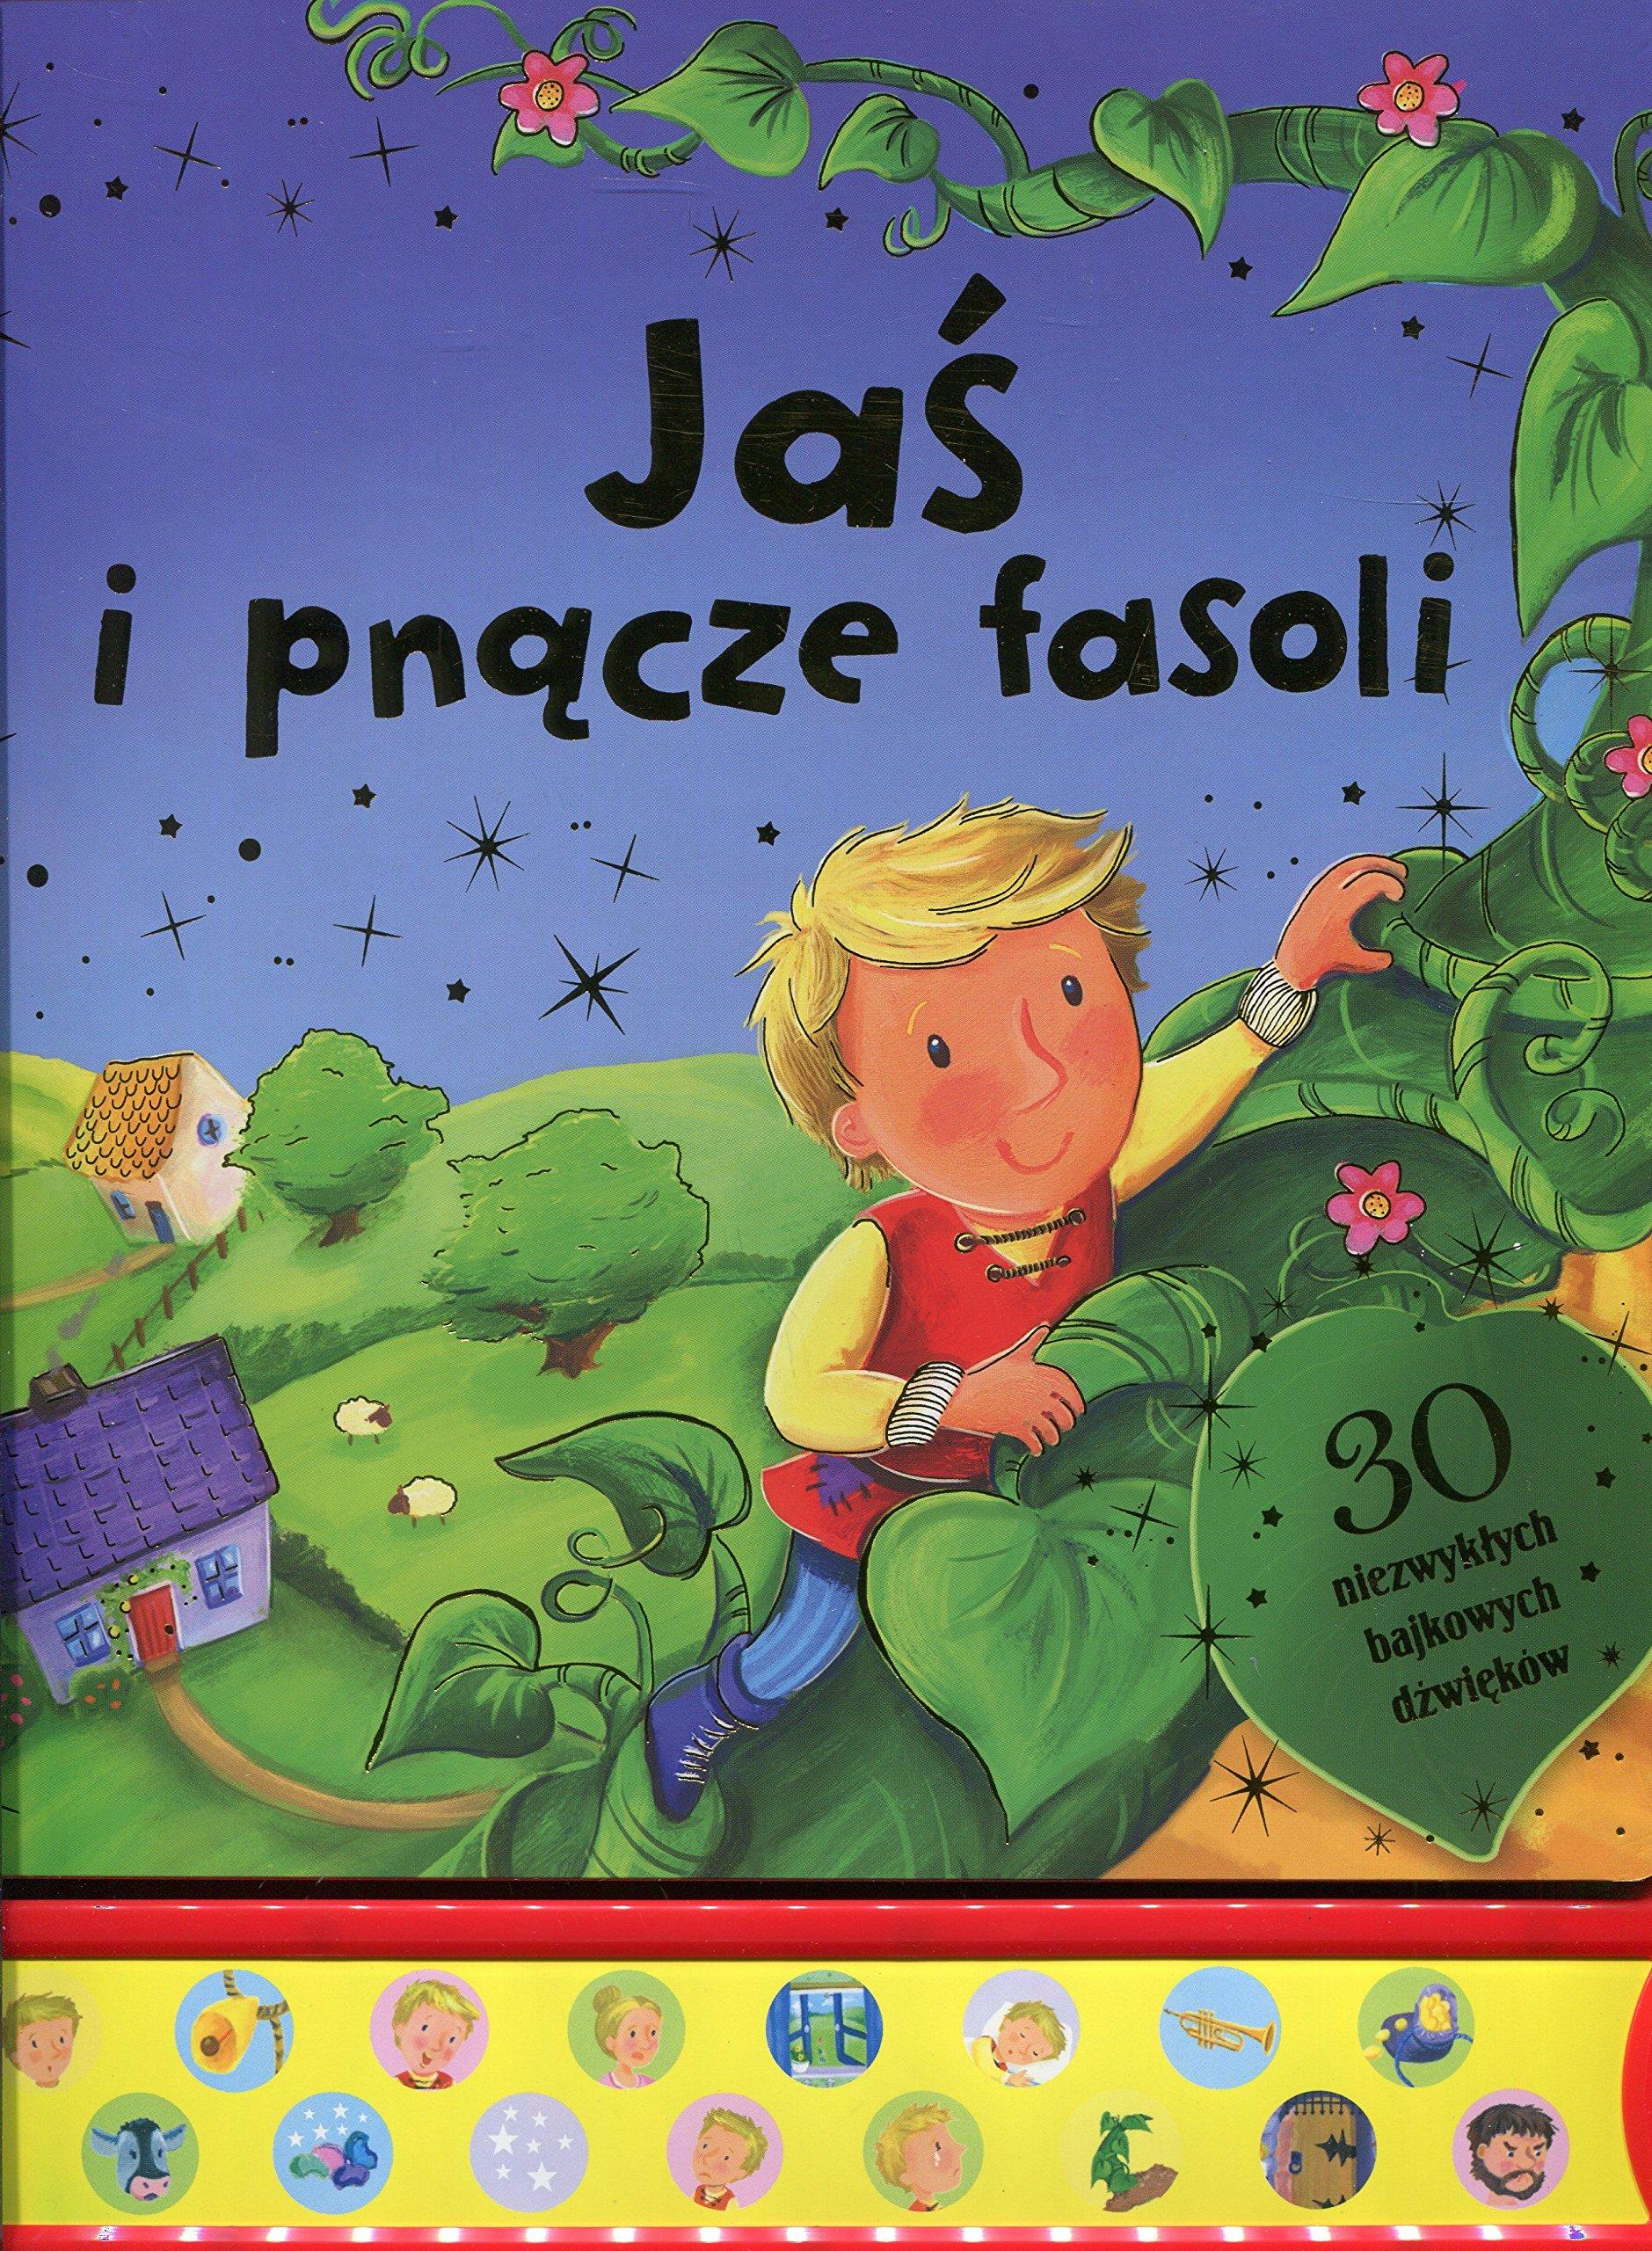 Download Jas i pnacze fasoli. 30 niezwyklych bajkowych dzwiekow ebook